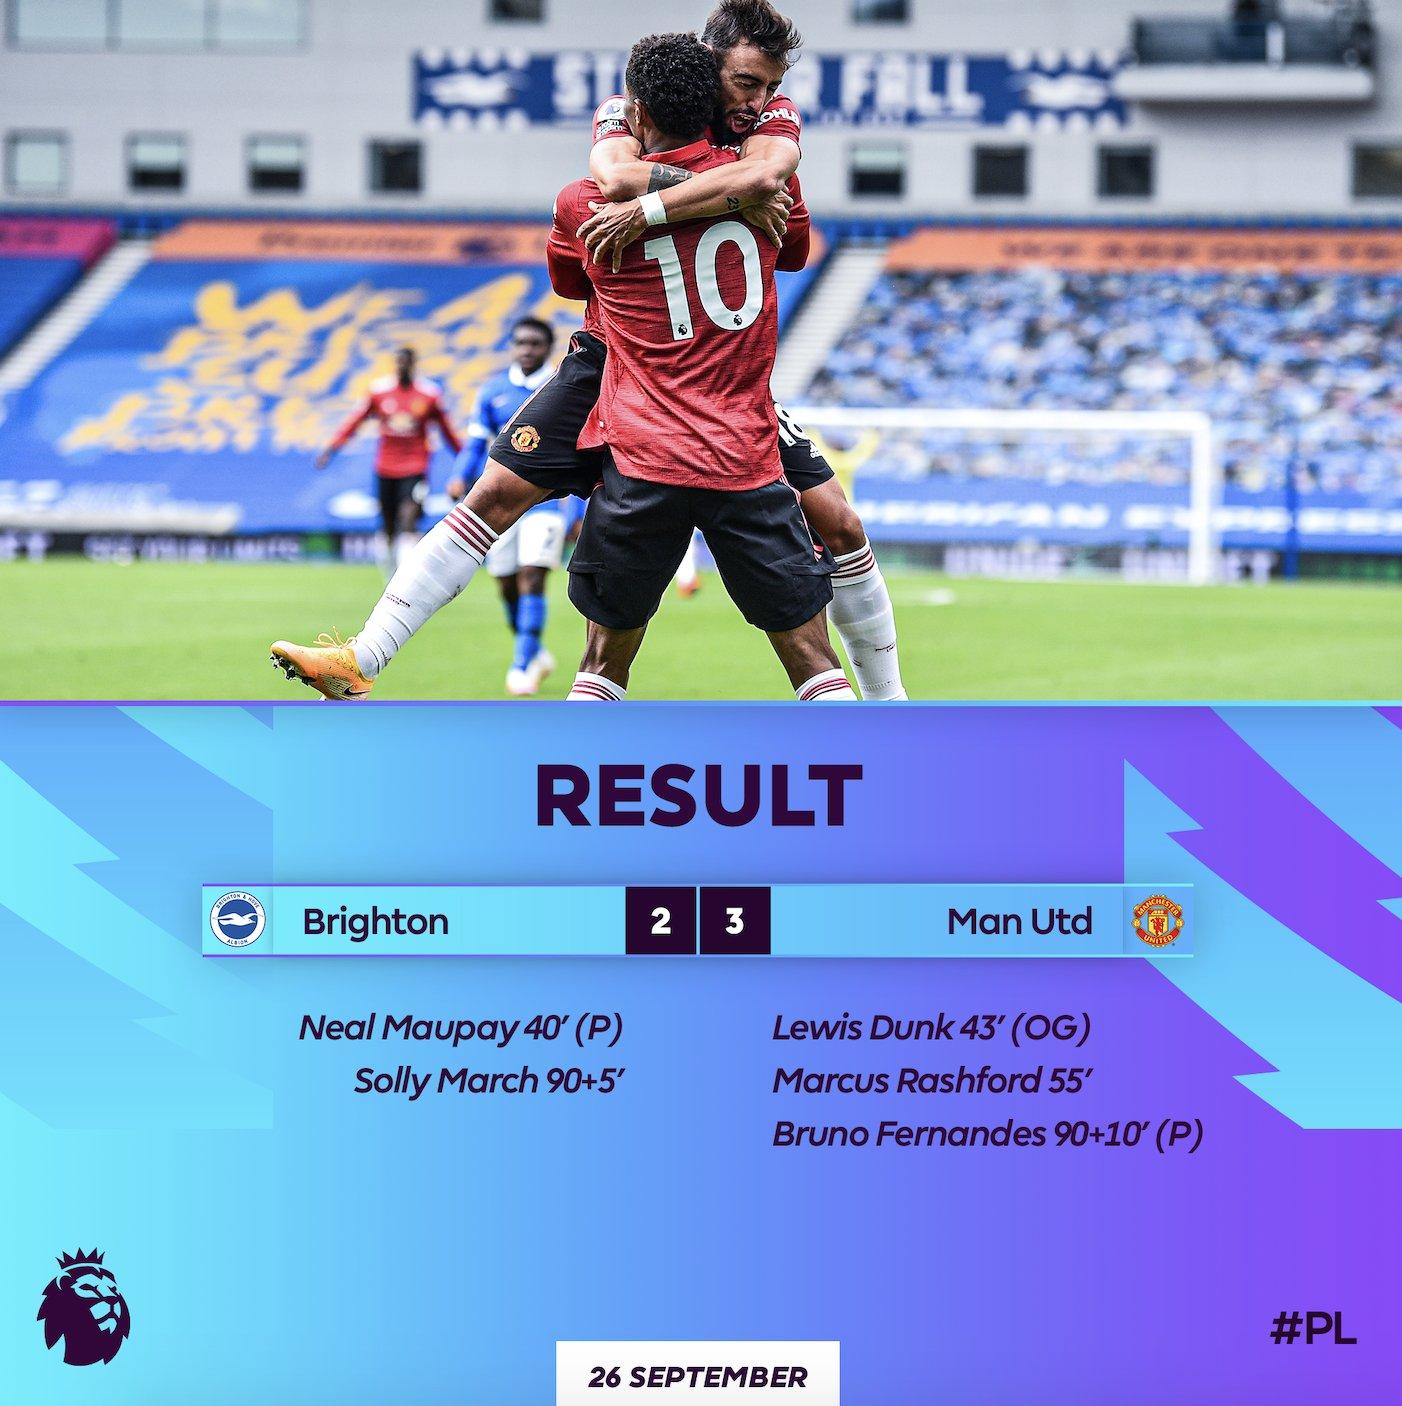 Brighton 2 - 3 Man United